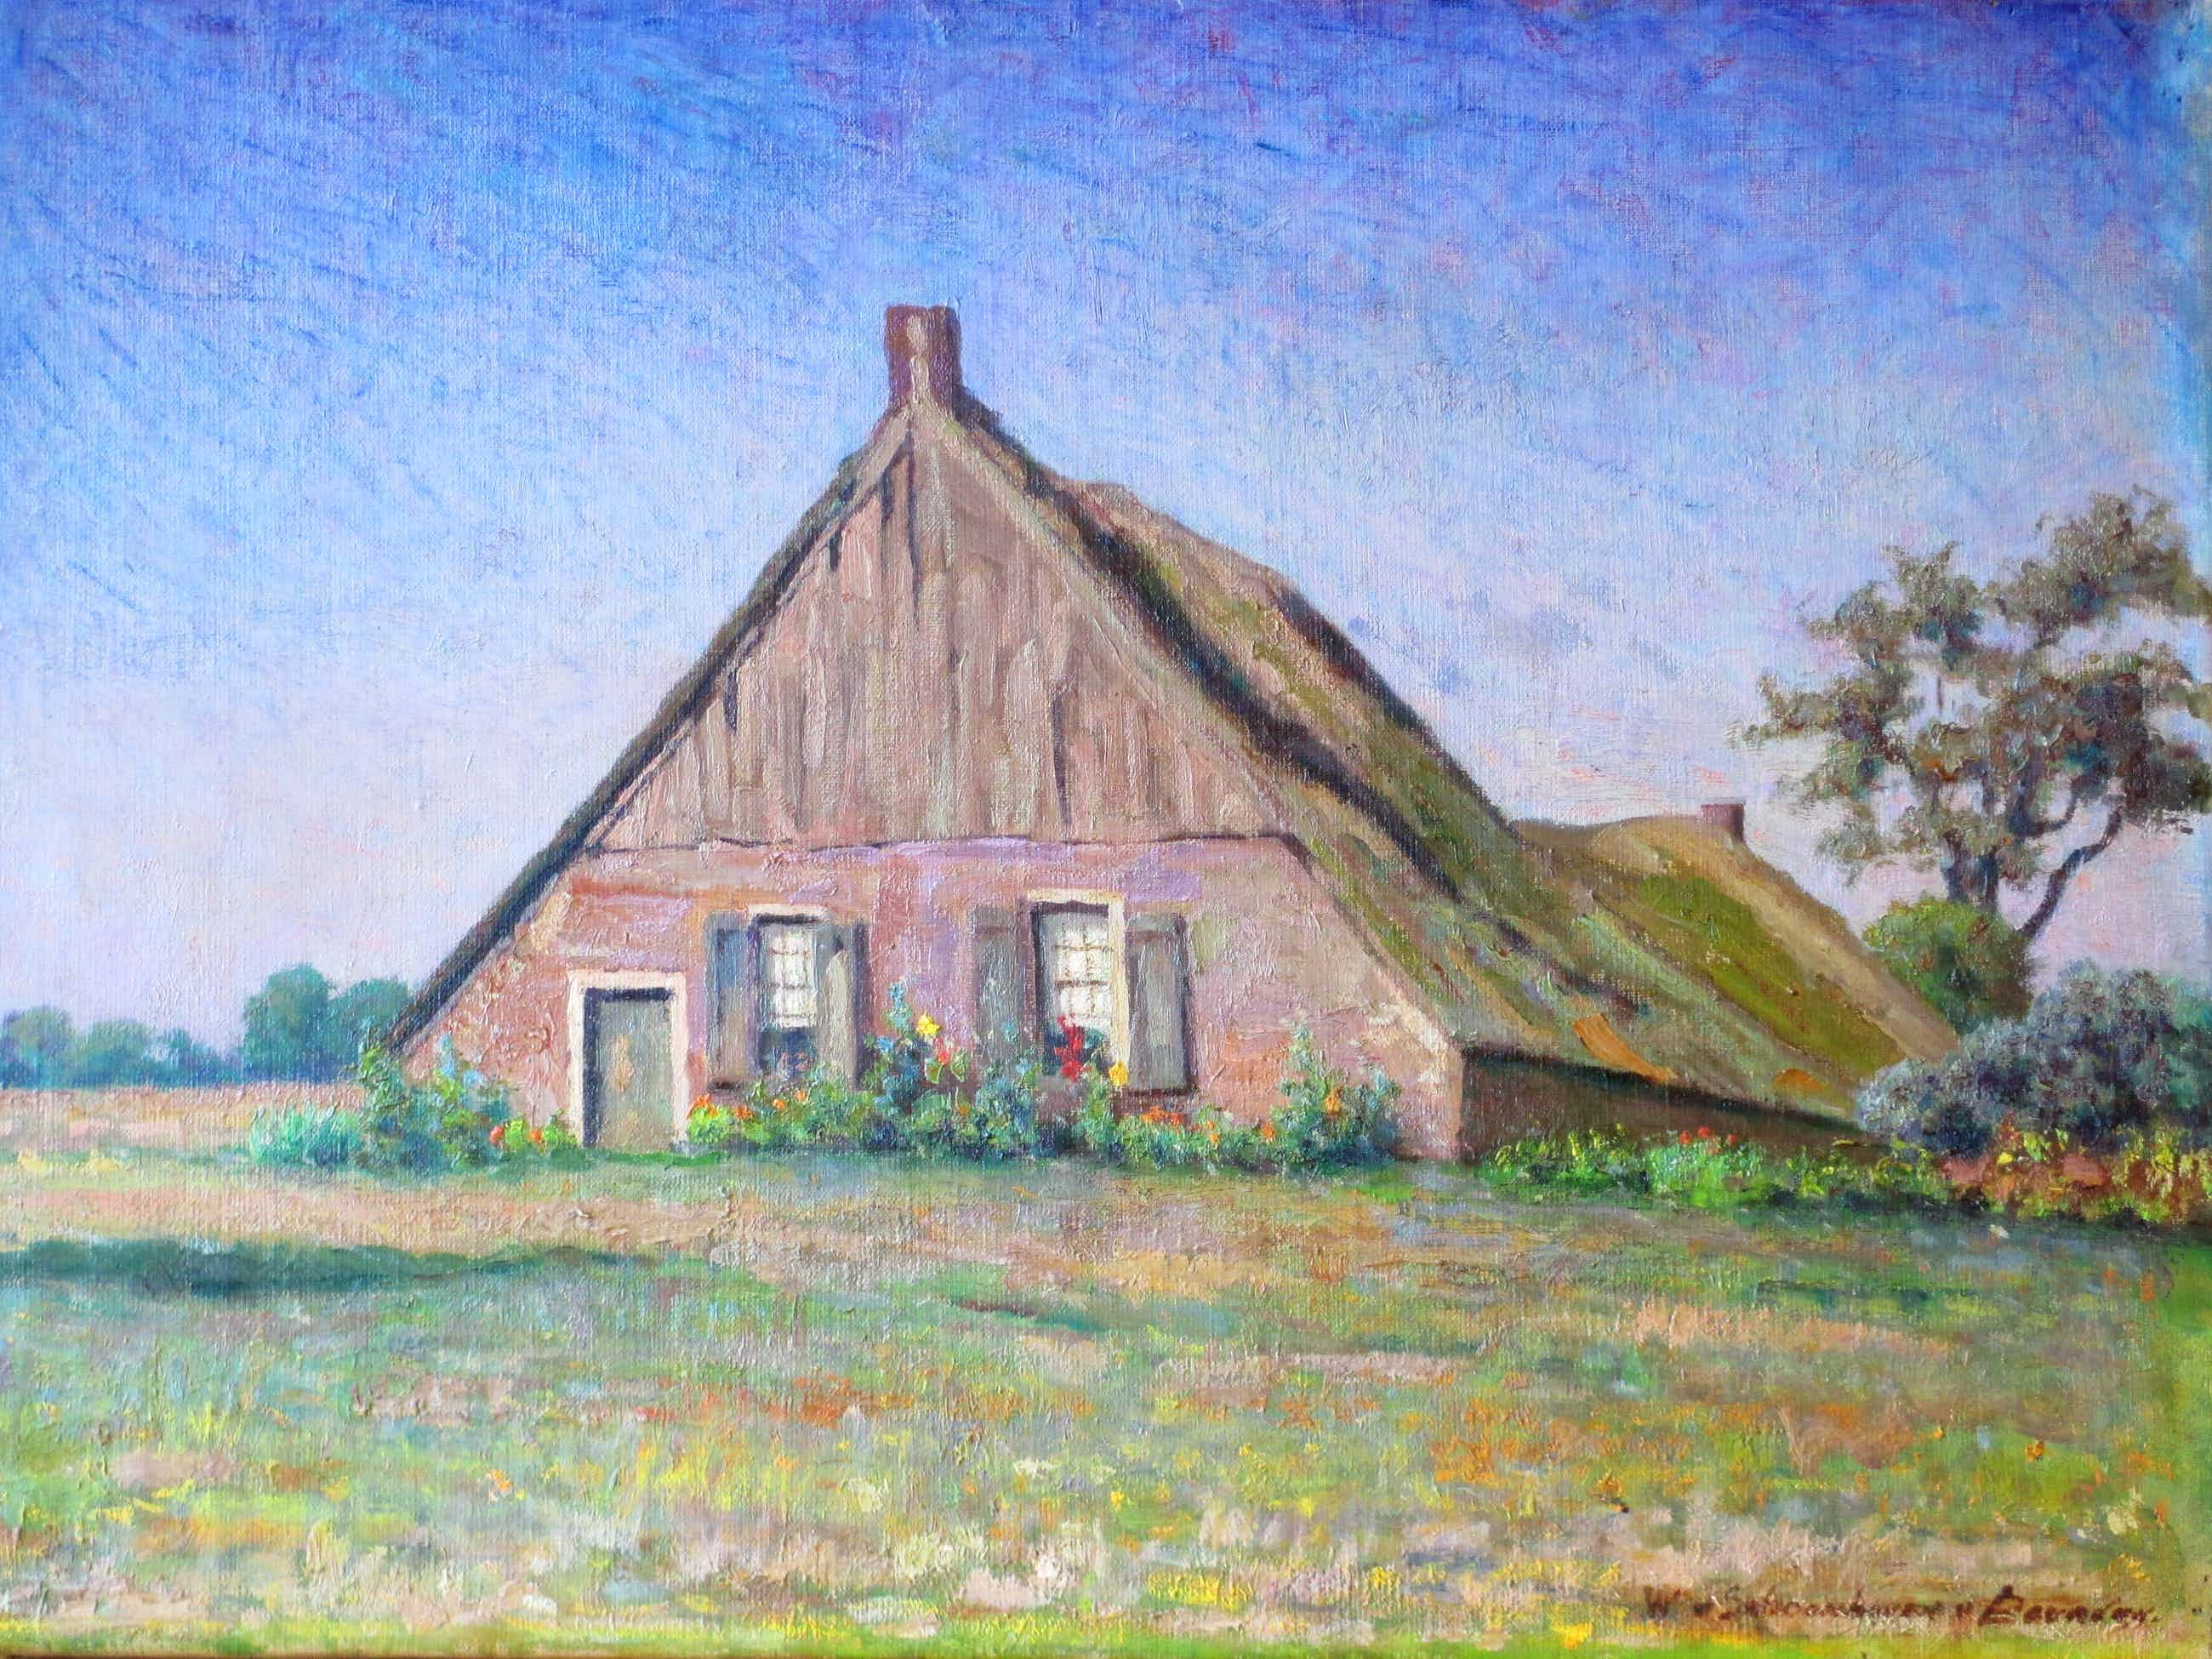 Willy van Schoonhoven van Beurden - Boerderij te Havelte - Olieverf/doek kopen? Bied vanaf 150!